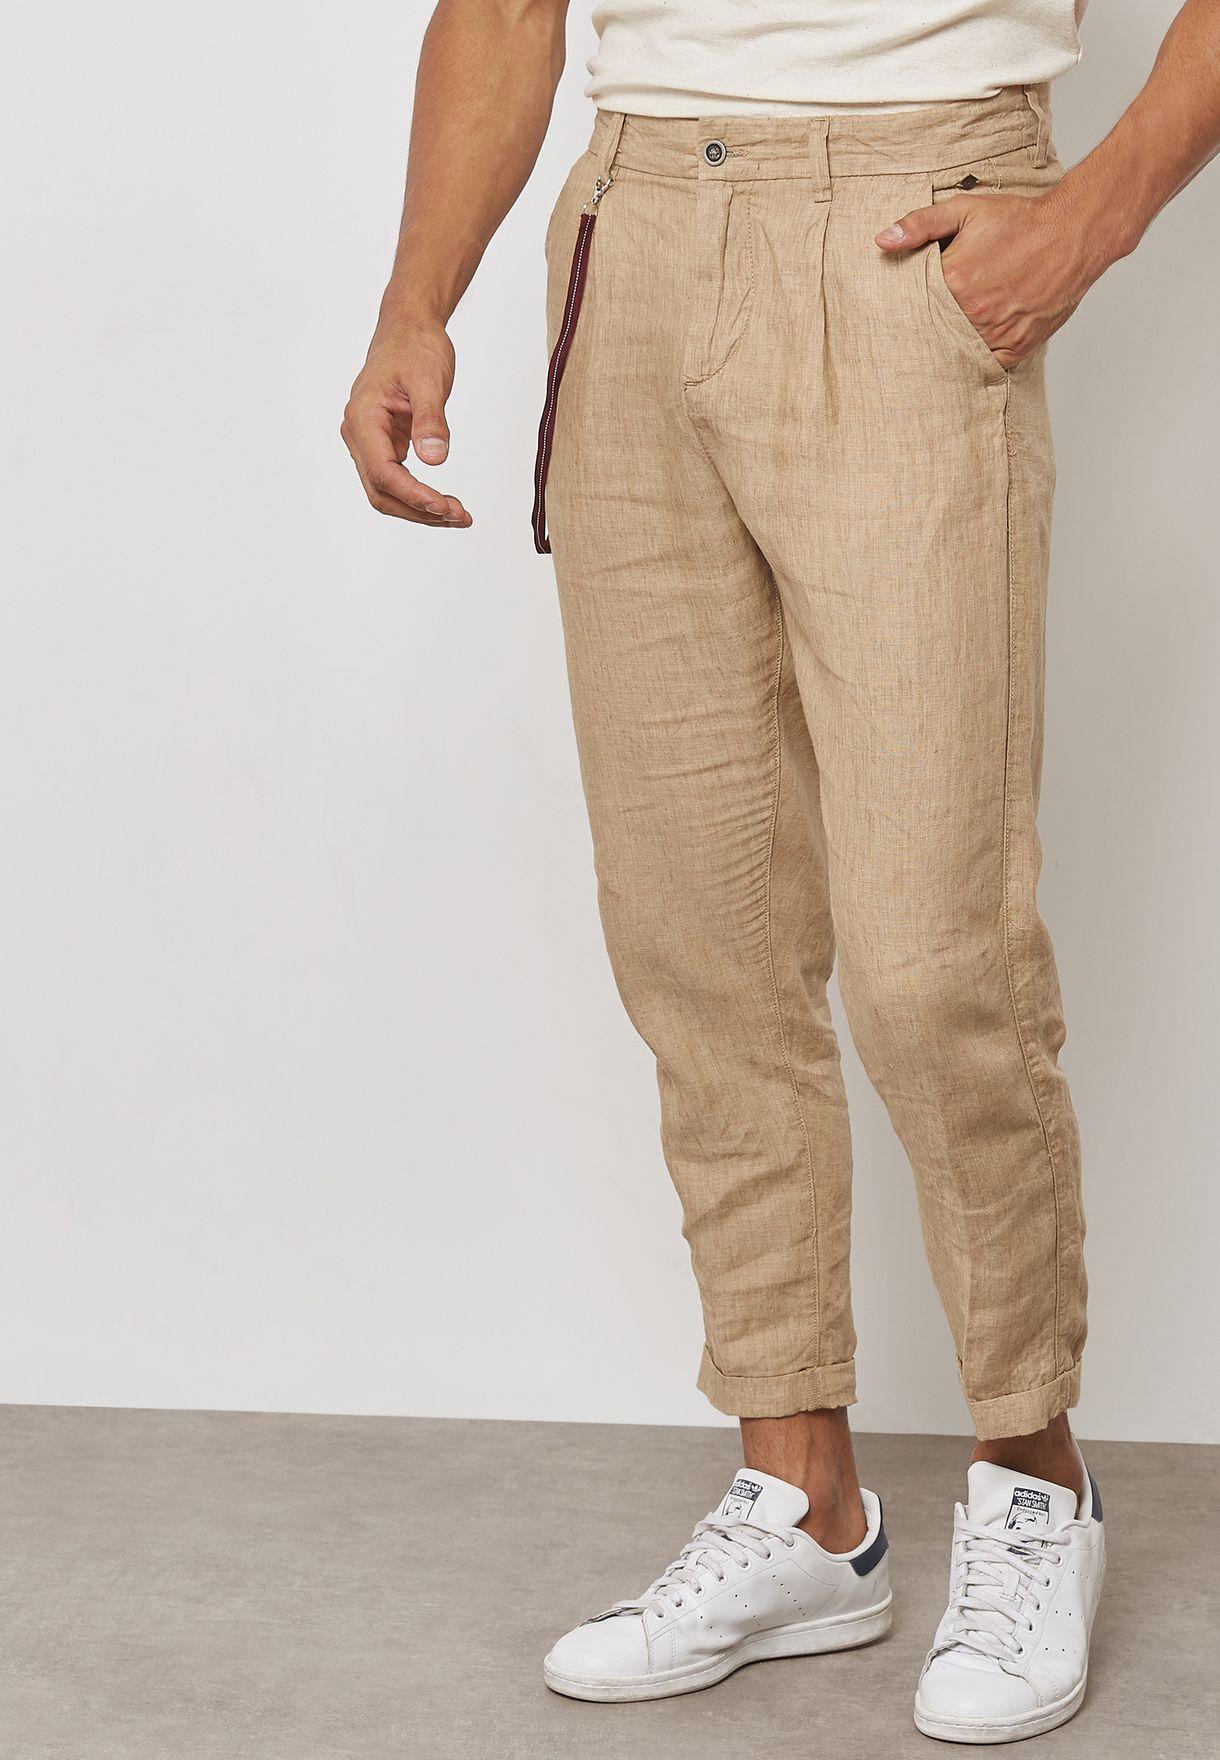 Ace Milton Pants